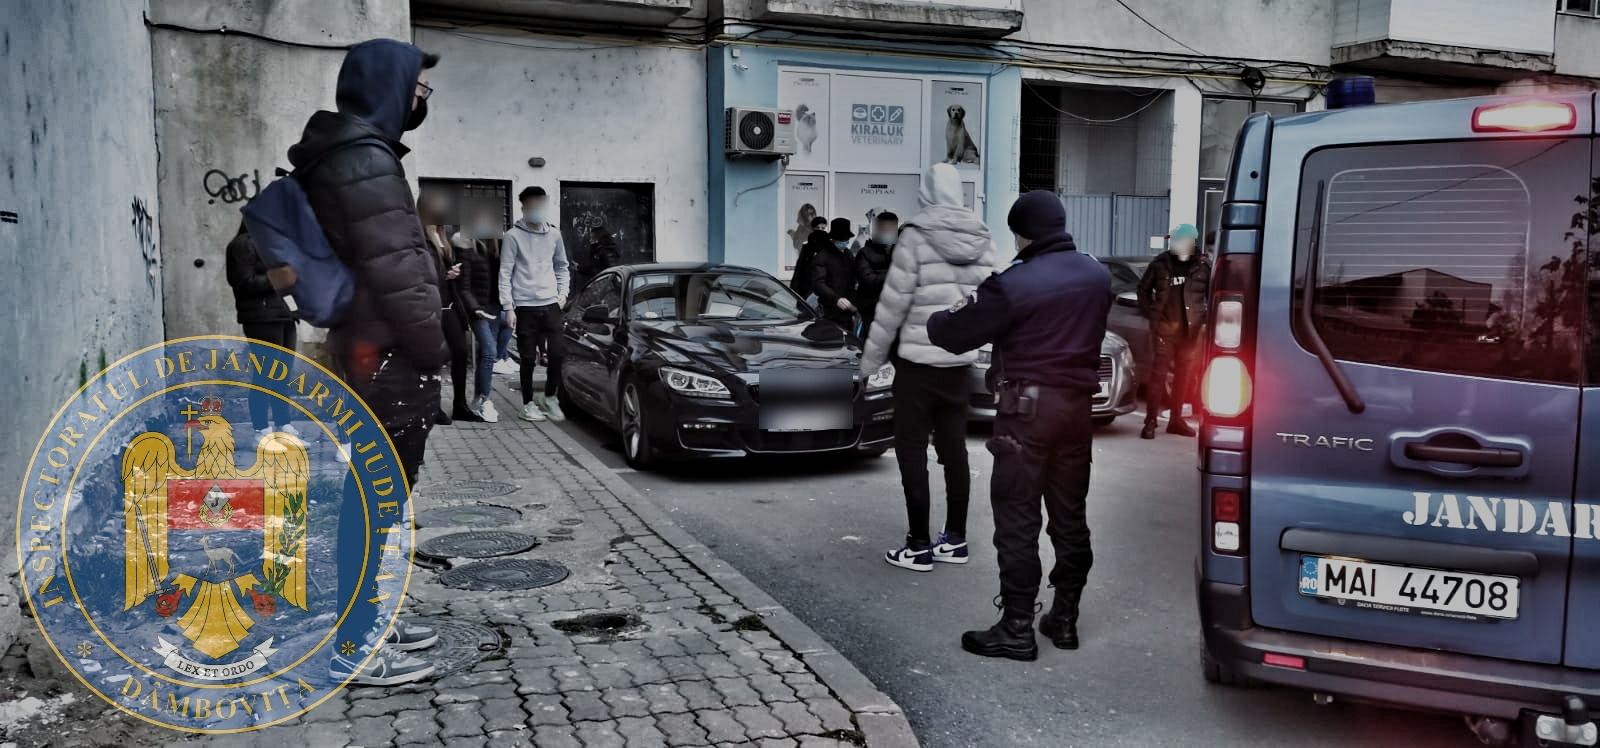 Târgovişte – 30 de tineri care sărbătoreau un majorat, în aer liber, s-au trezit cu jandarmii pe cap